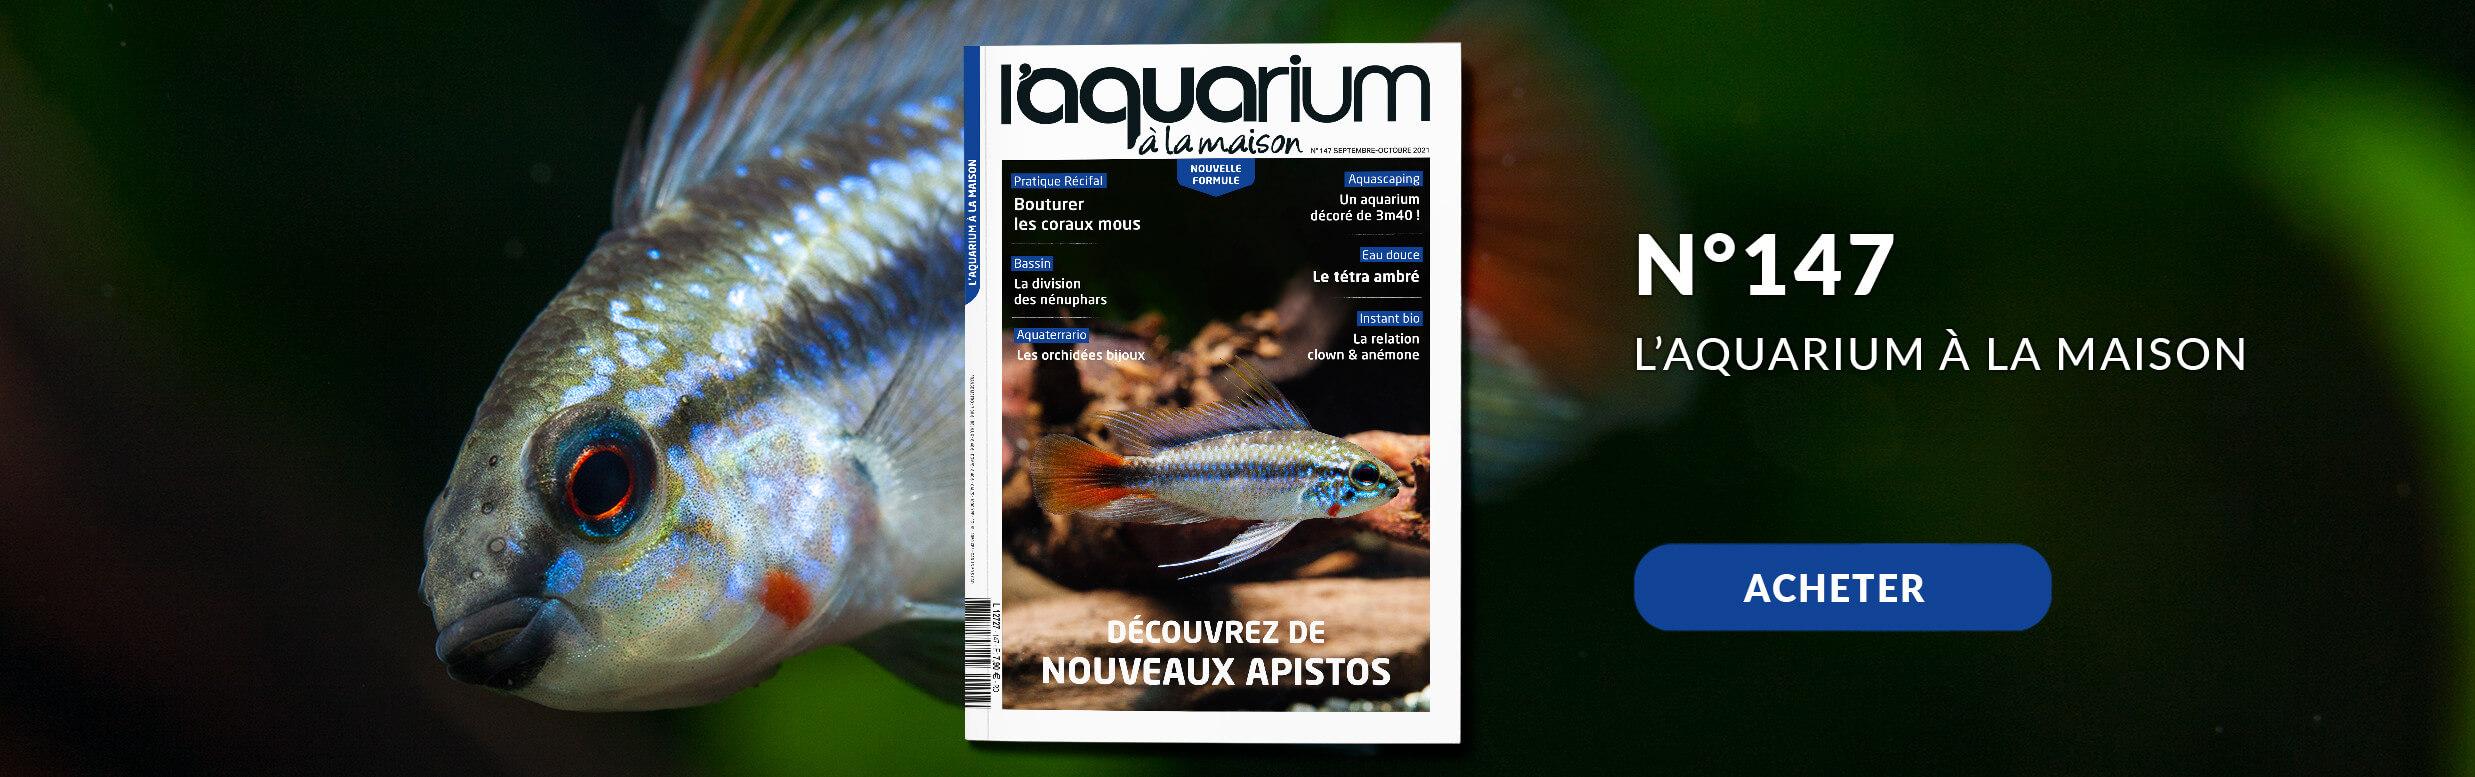 Découvrez la nouvelle formule de l'aquarium à la maison avec le nmr 147